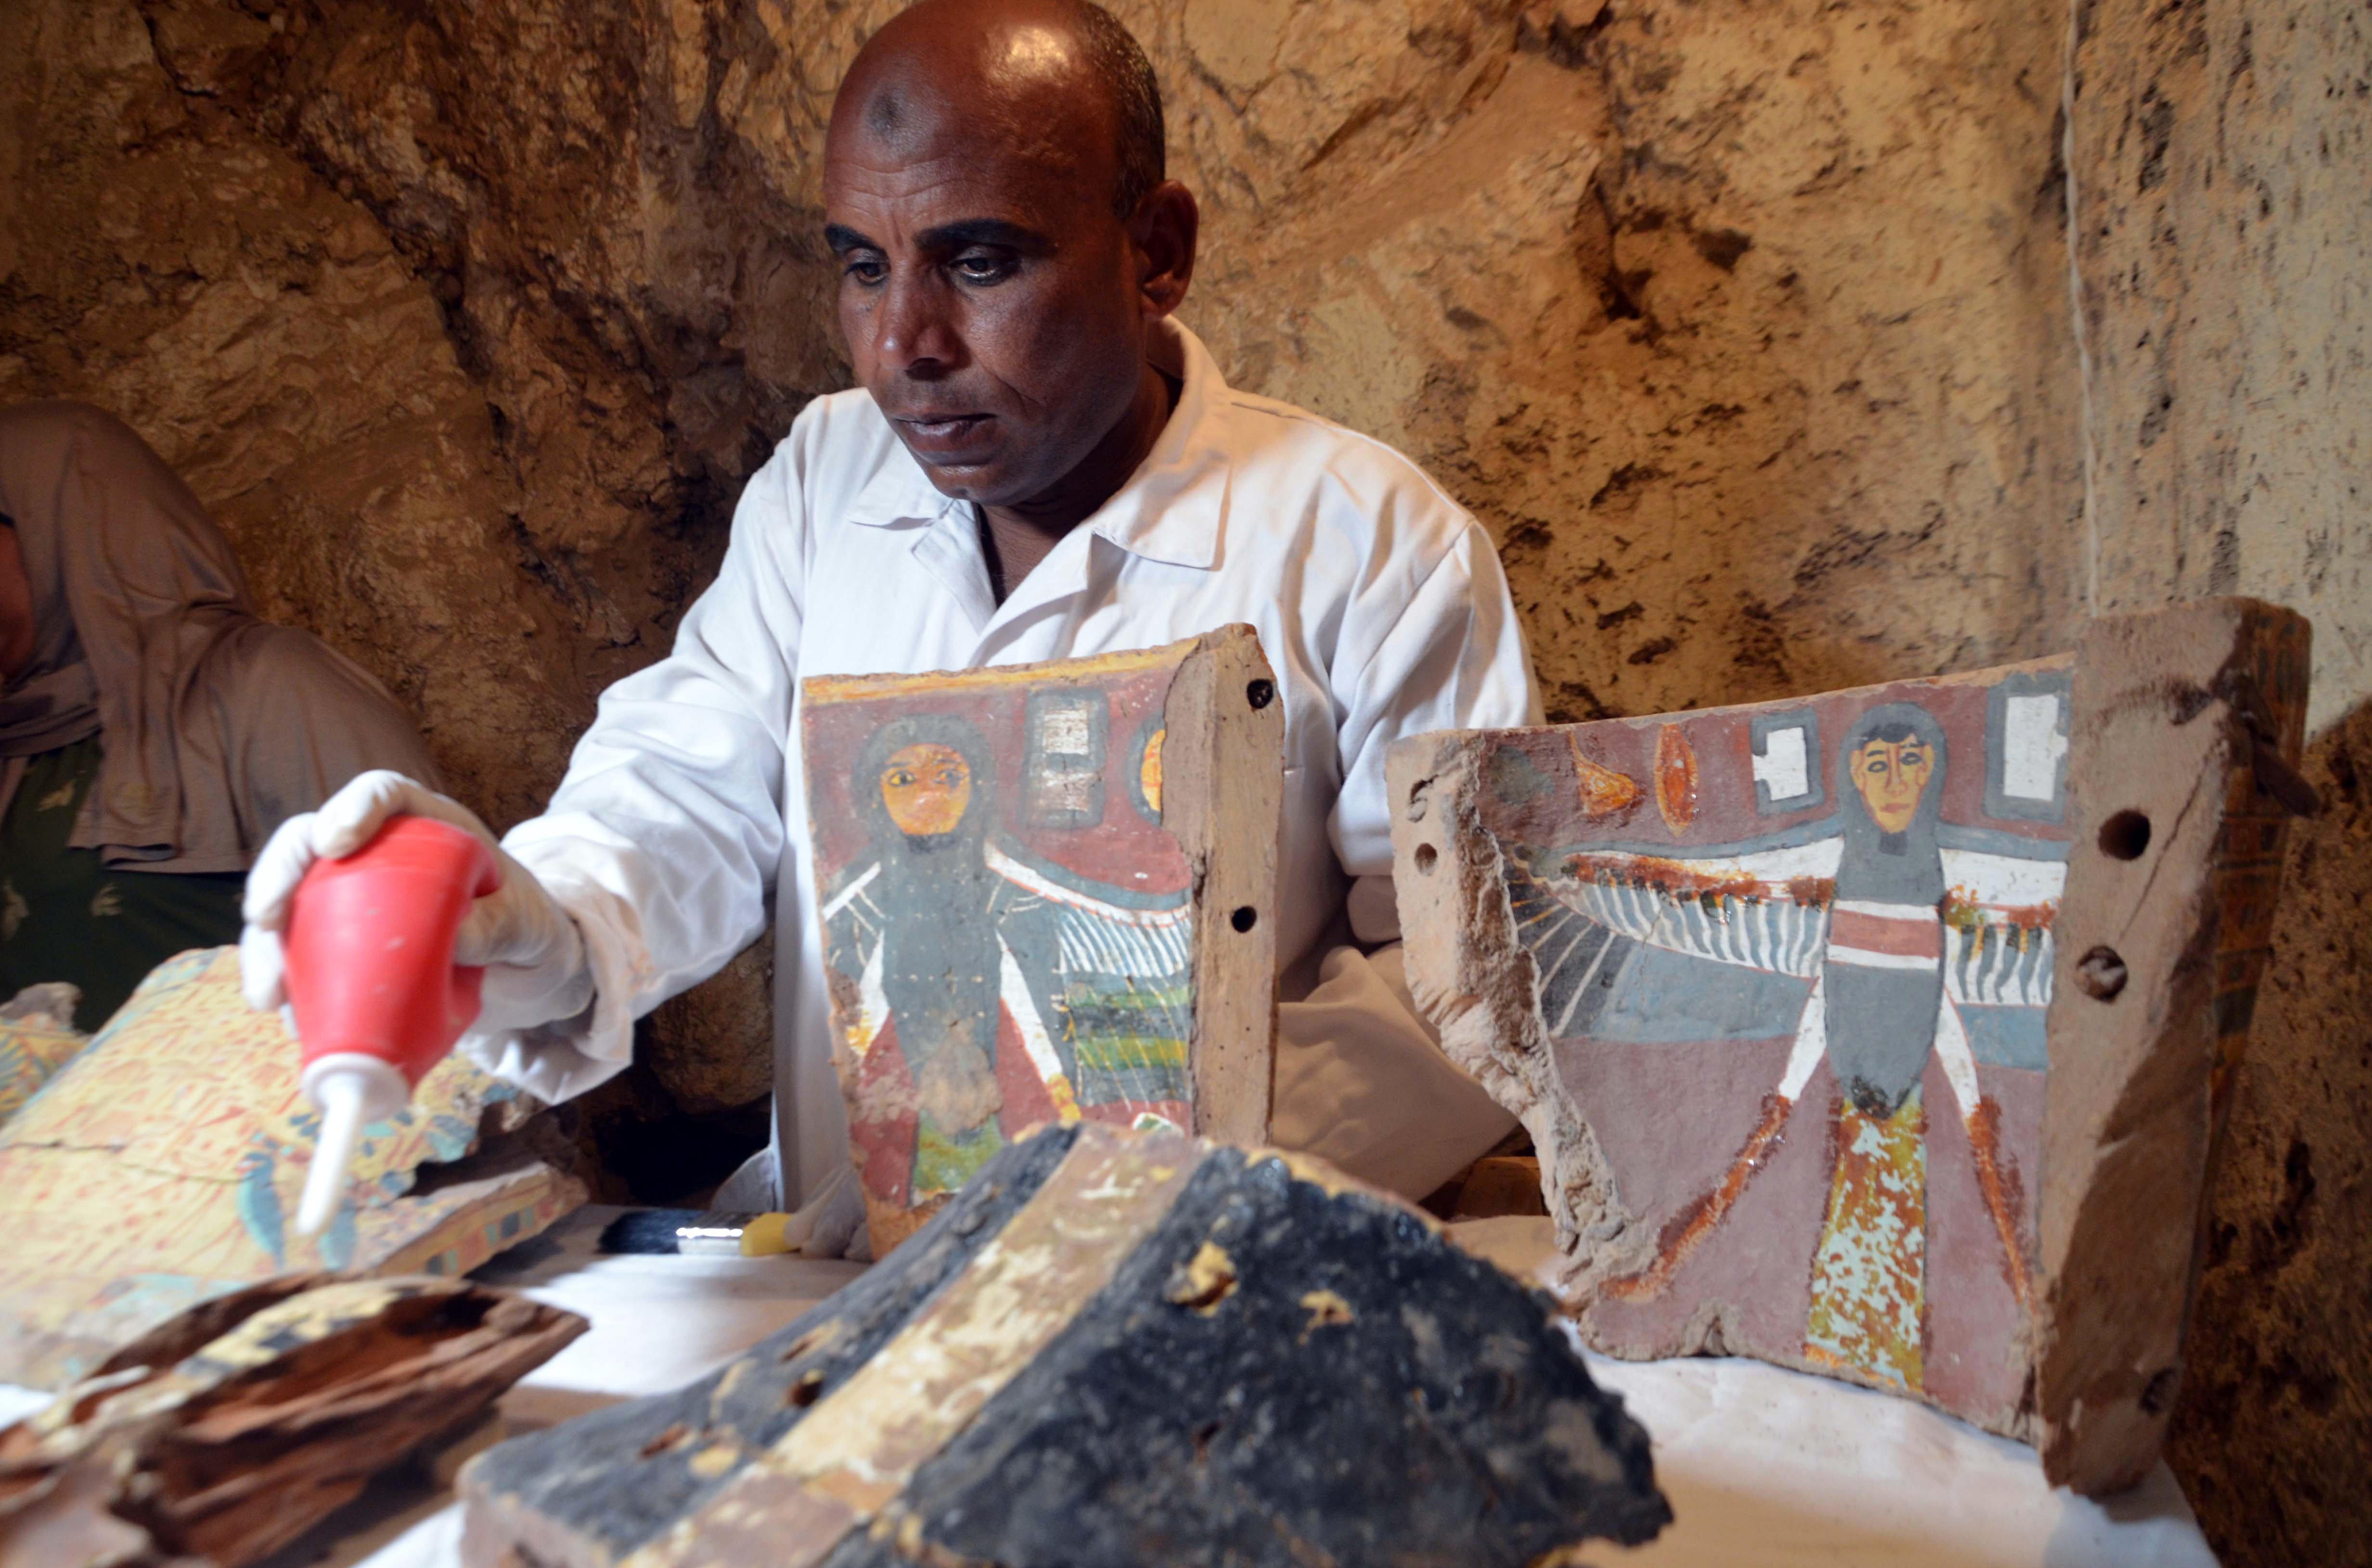 Des archéologues égyptiens ont découvert une momie